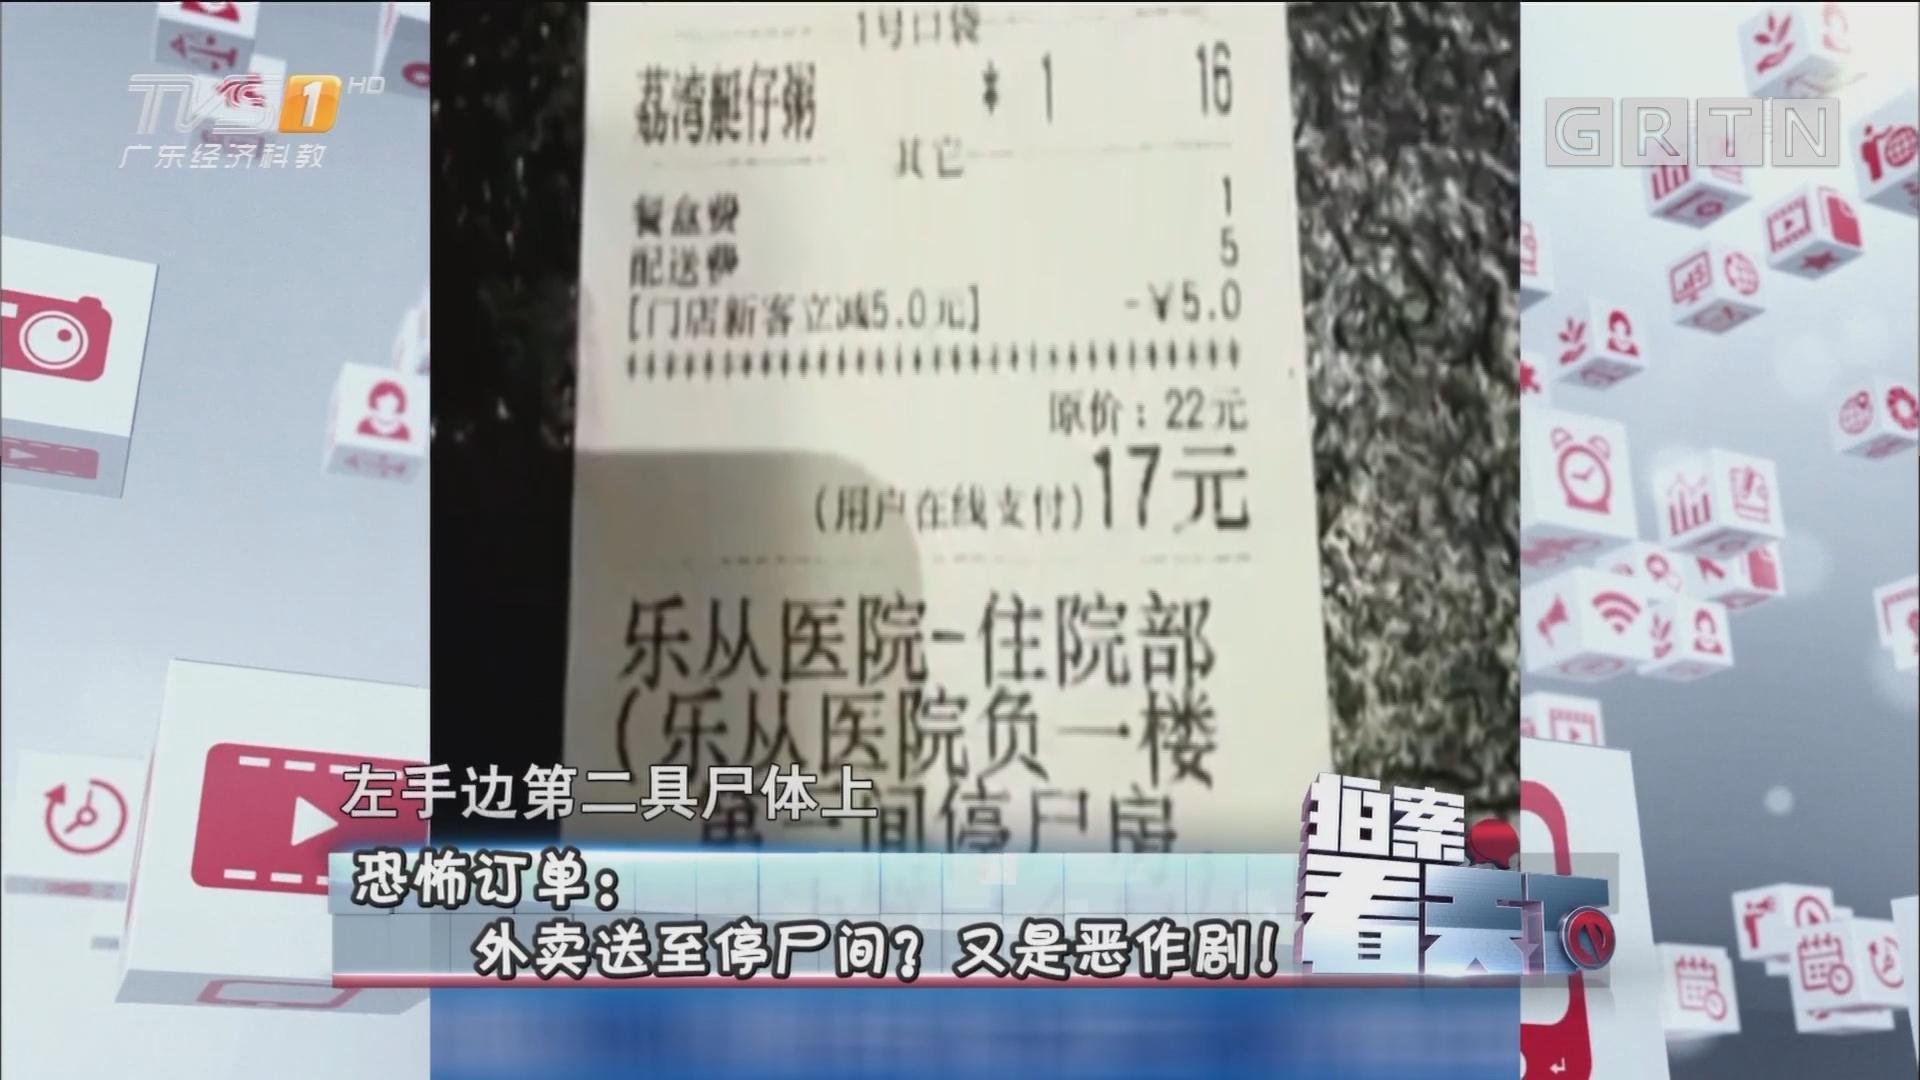 [HD][2017-12-25]拍案看天下:恐怖订单:外卖送至停尸间?又是恶作剧!